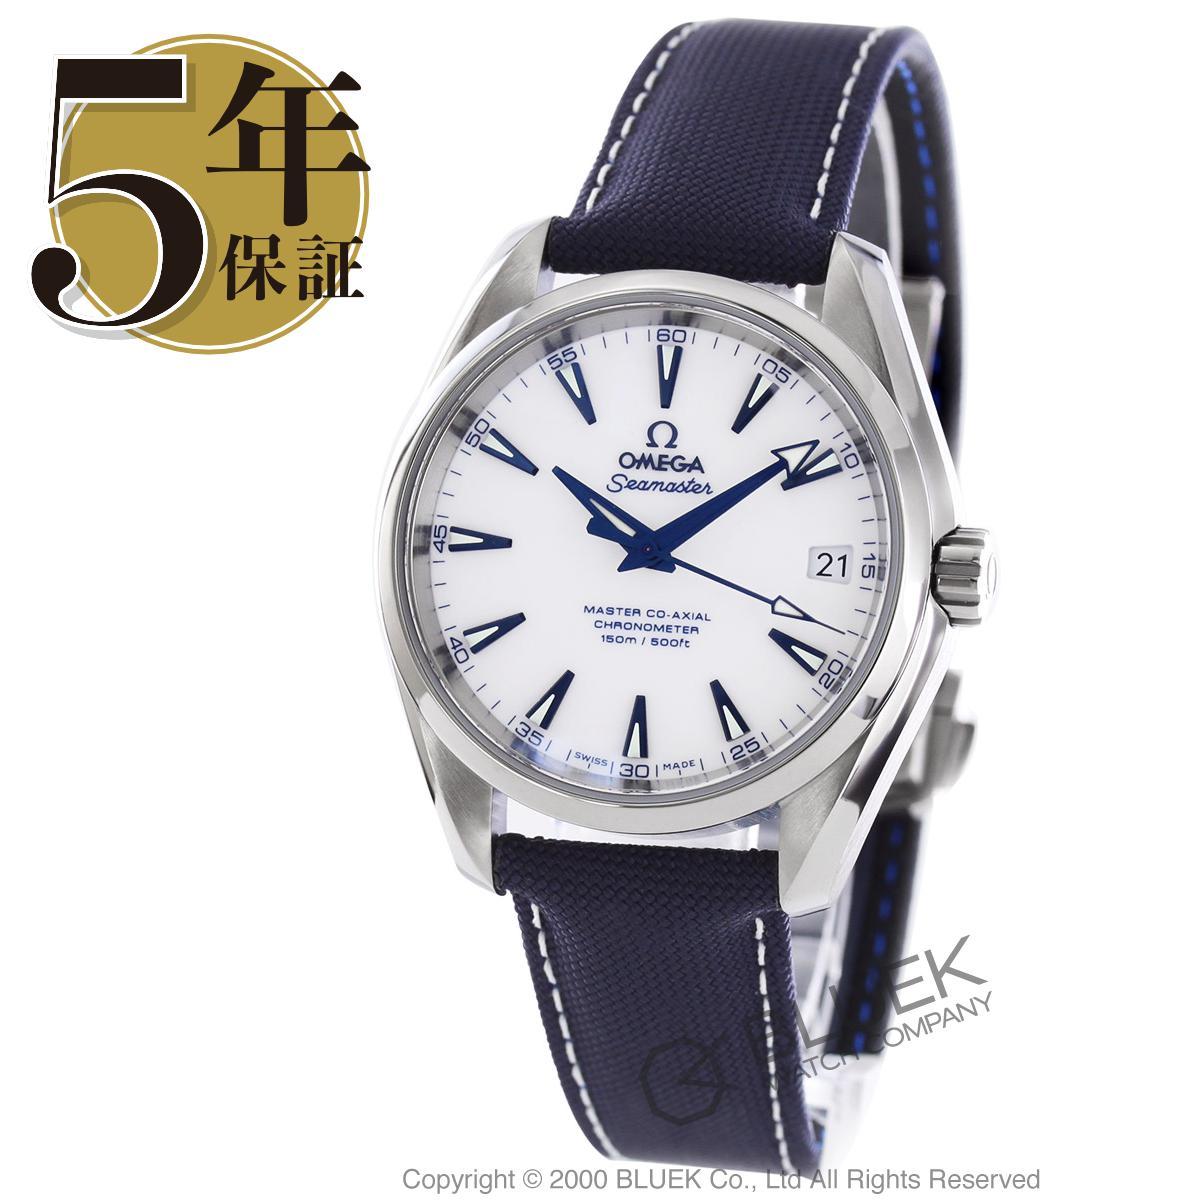 オメガ シーマスター アクアテラ グッドプラネット 腕時計 メンズ OMEGA 231.92.39.21.04.001_5